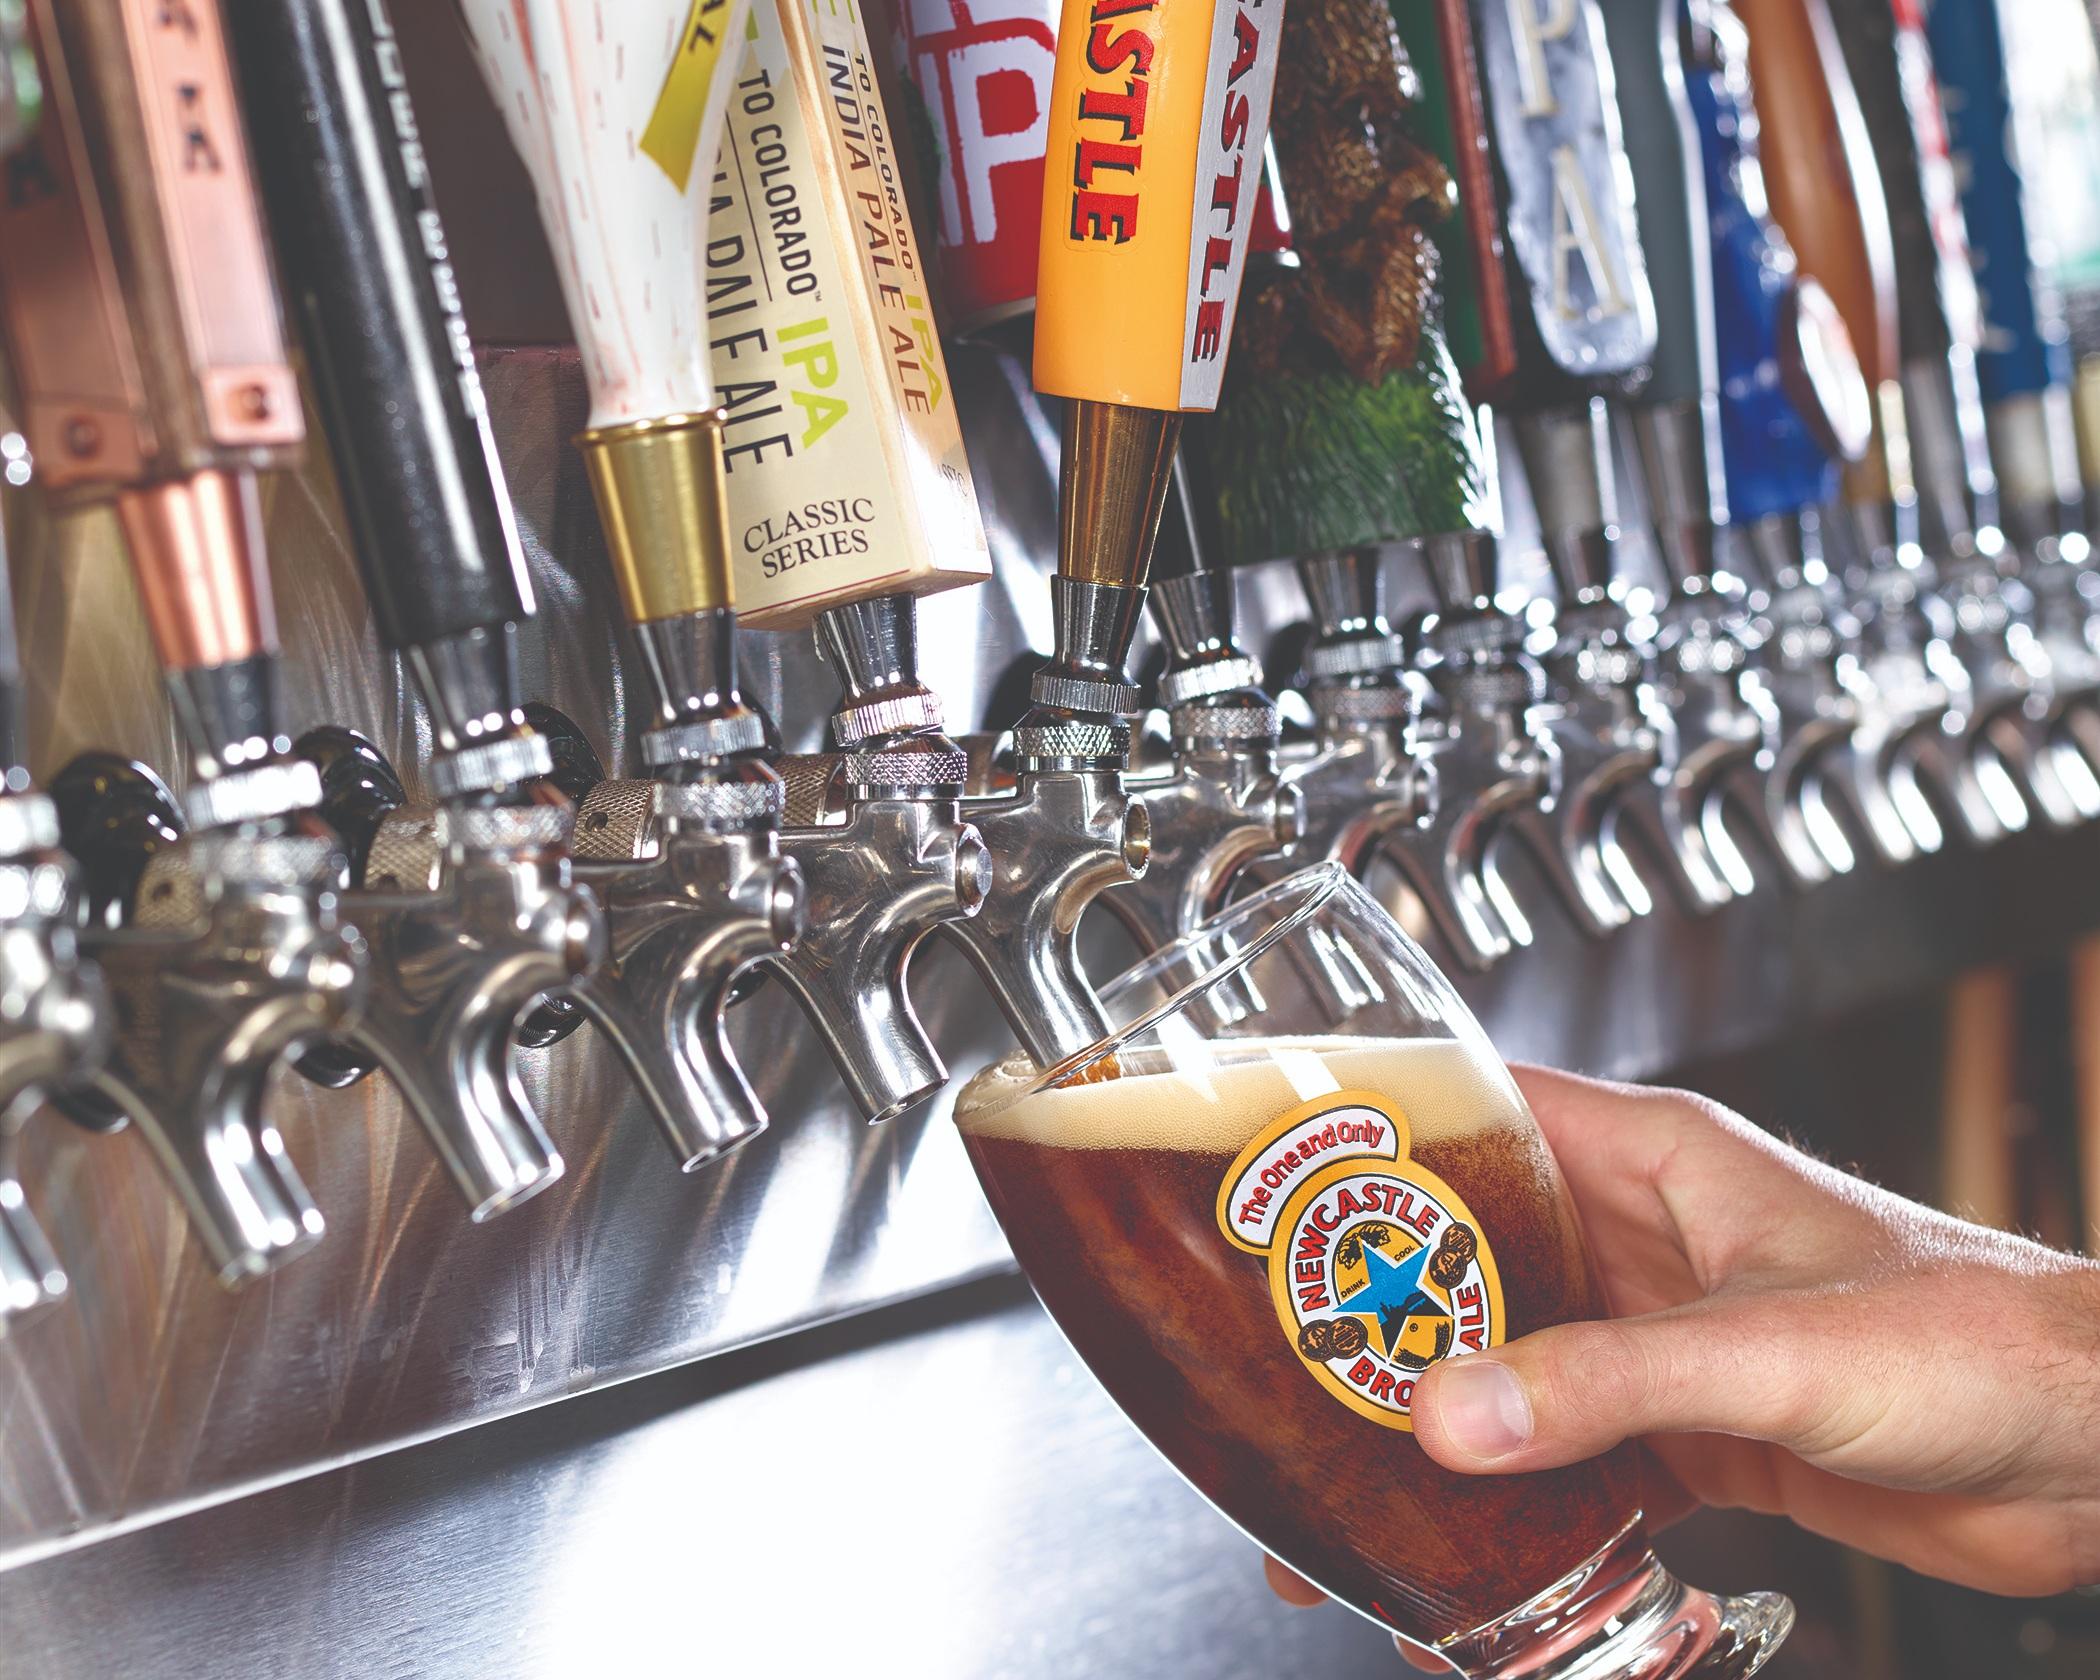 Drinks-Bartender Pour Newcastle 300dpi.jpg